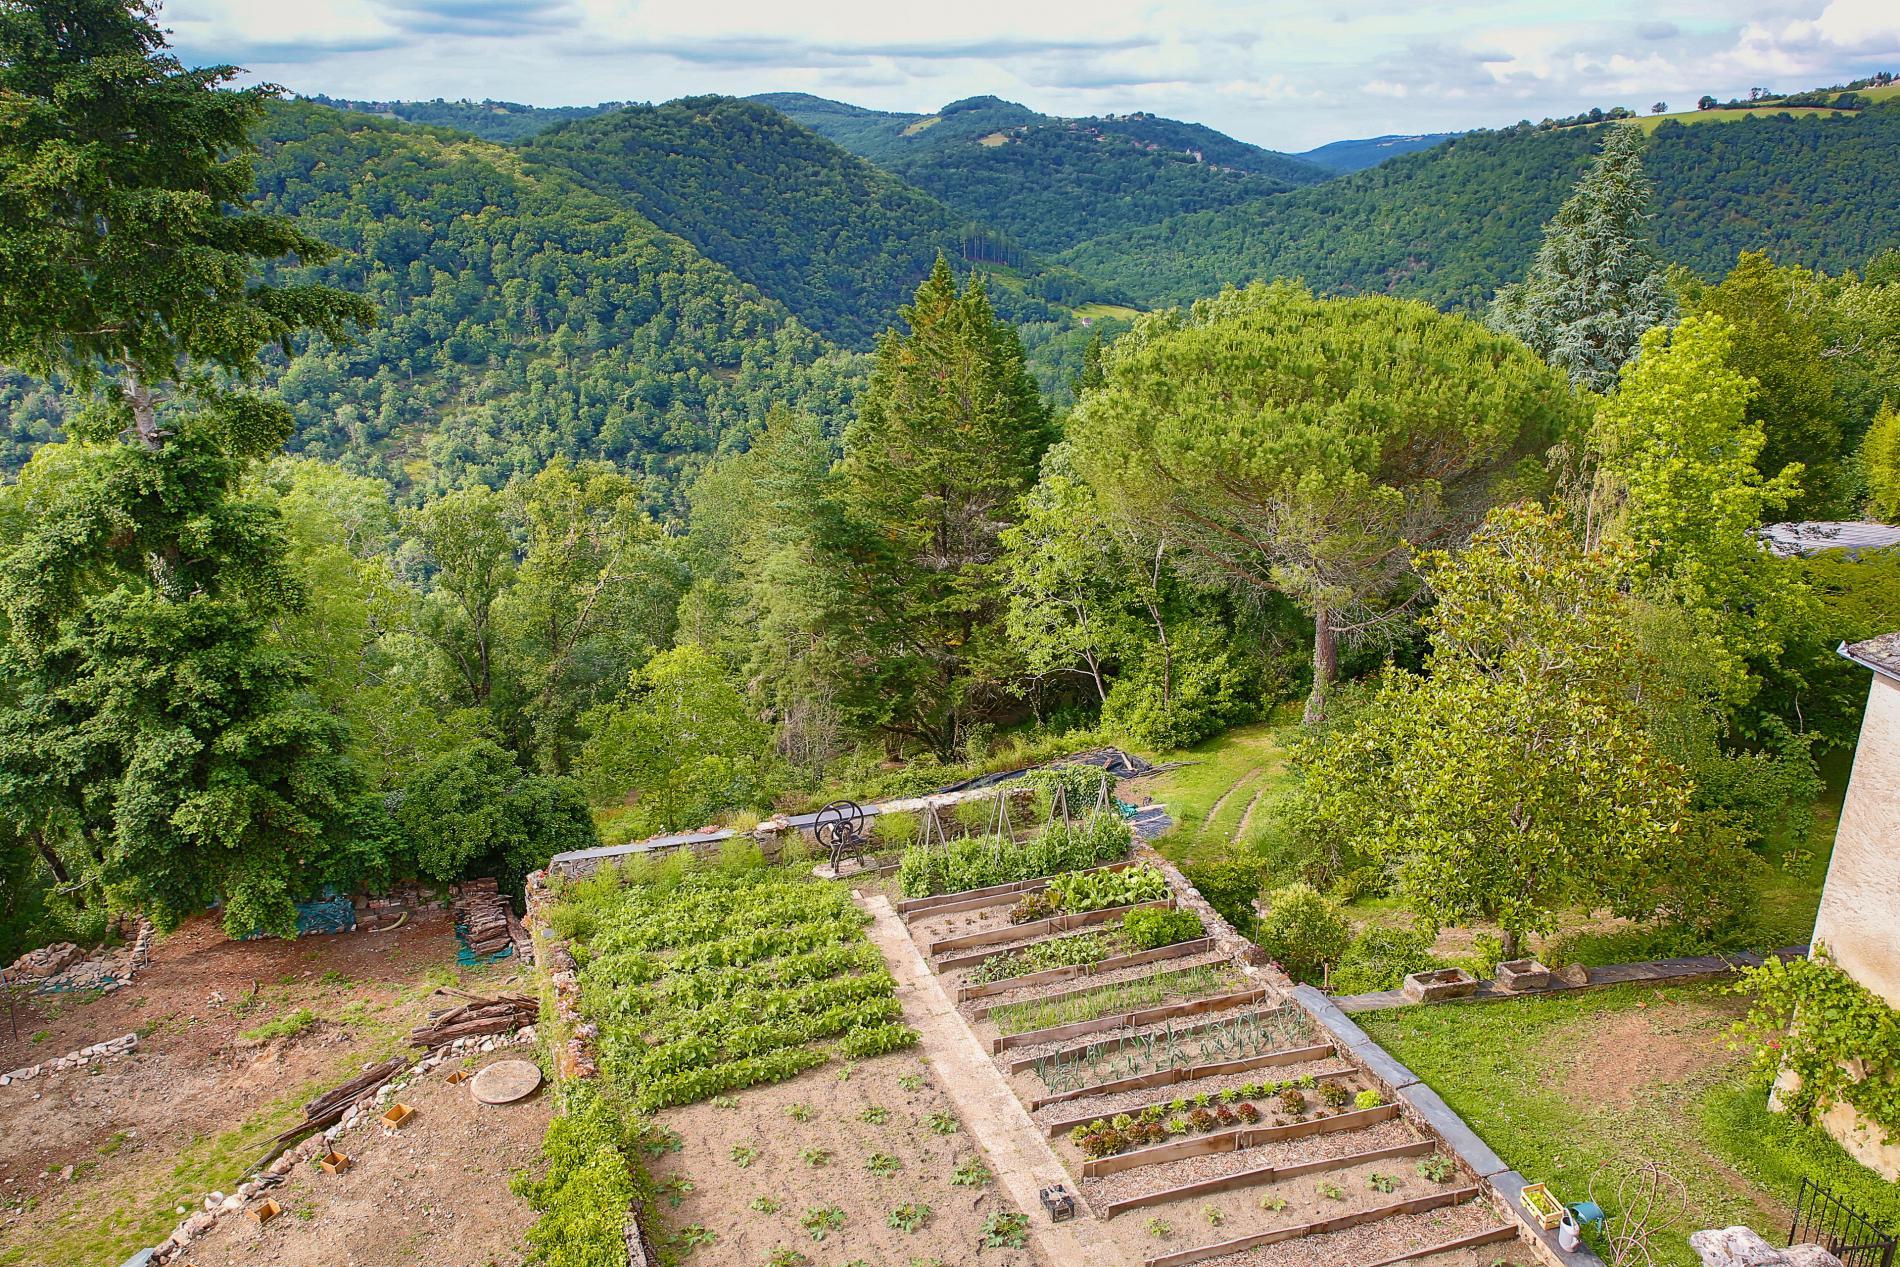 Les jardins de l'Oustal del Barry